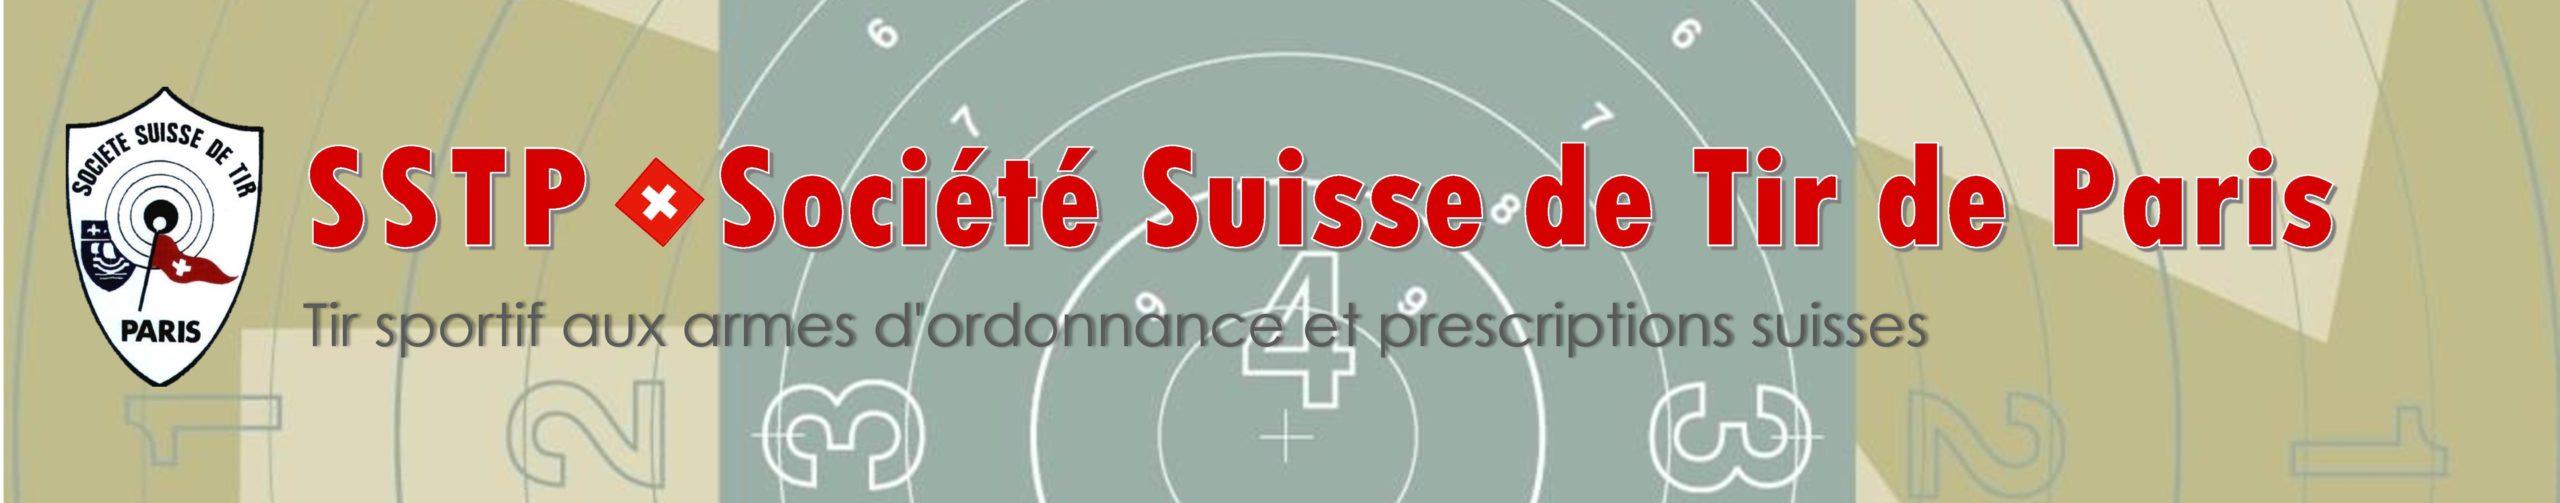 SSTP ~ Société Suisse de Tir de Paris